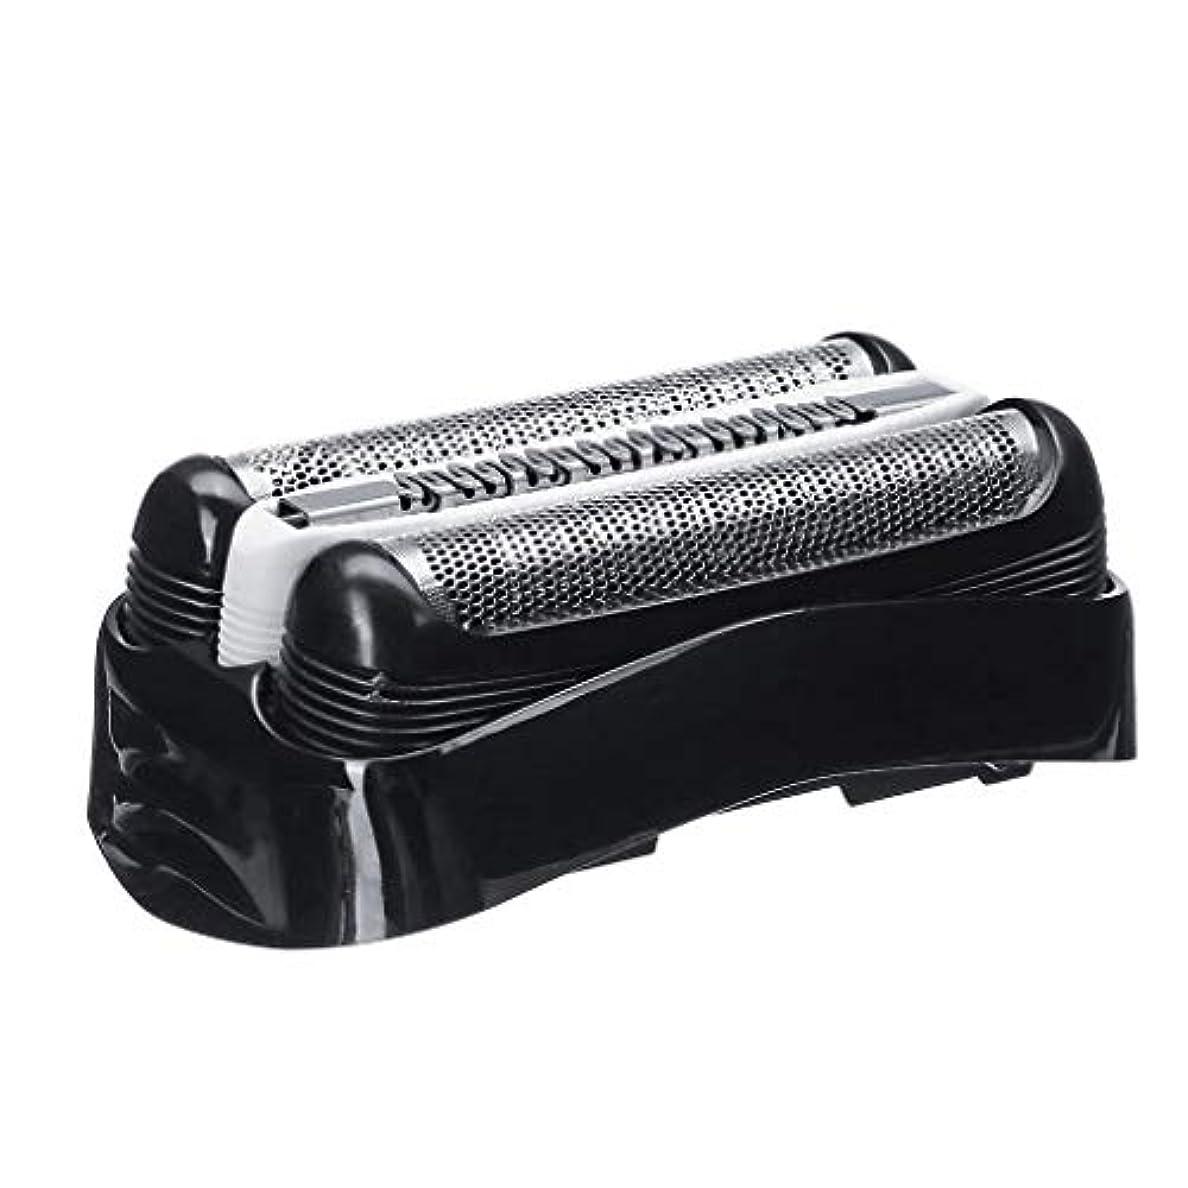 岩公平モデレータシェーバー替刃 シェーバー フォイル メンズシェーバー用 替刃 シリーズ3 互換品 電気シェーバー交換ヘッドカミソリアクセサリ (ブラック)